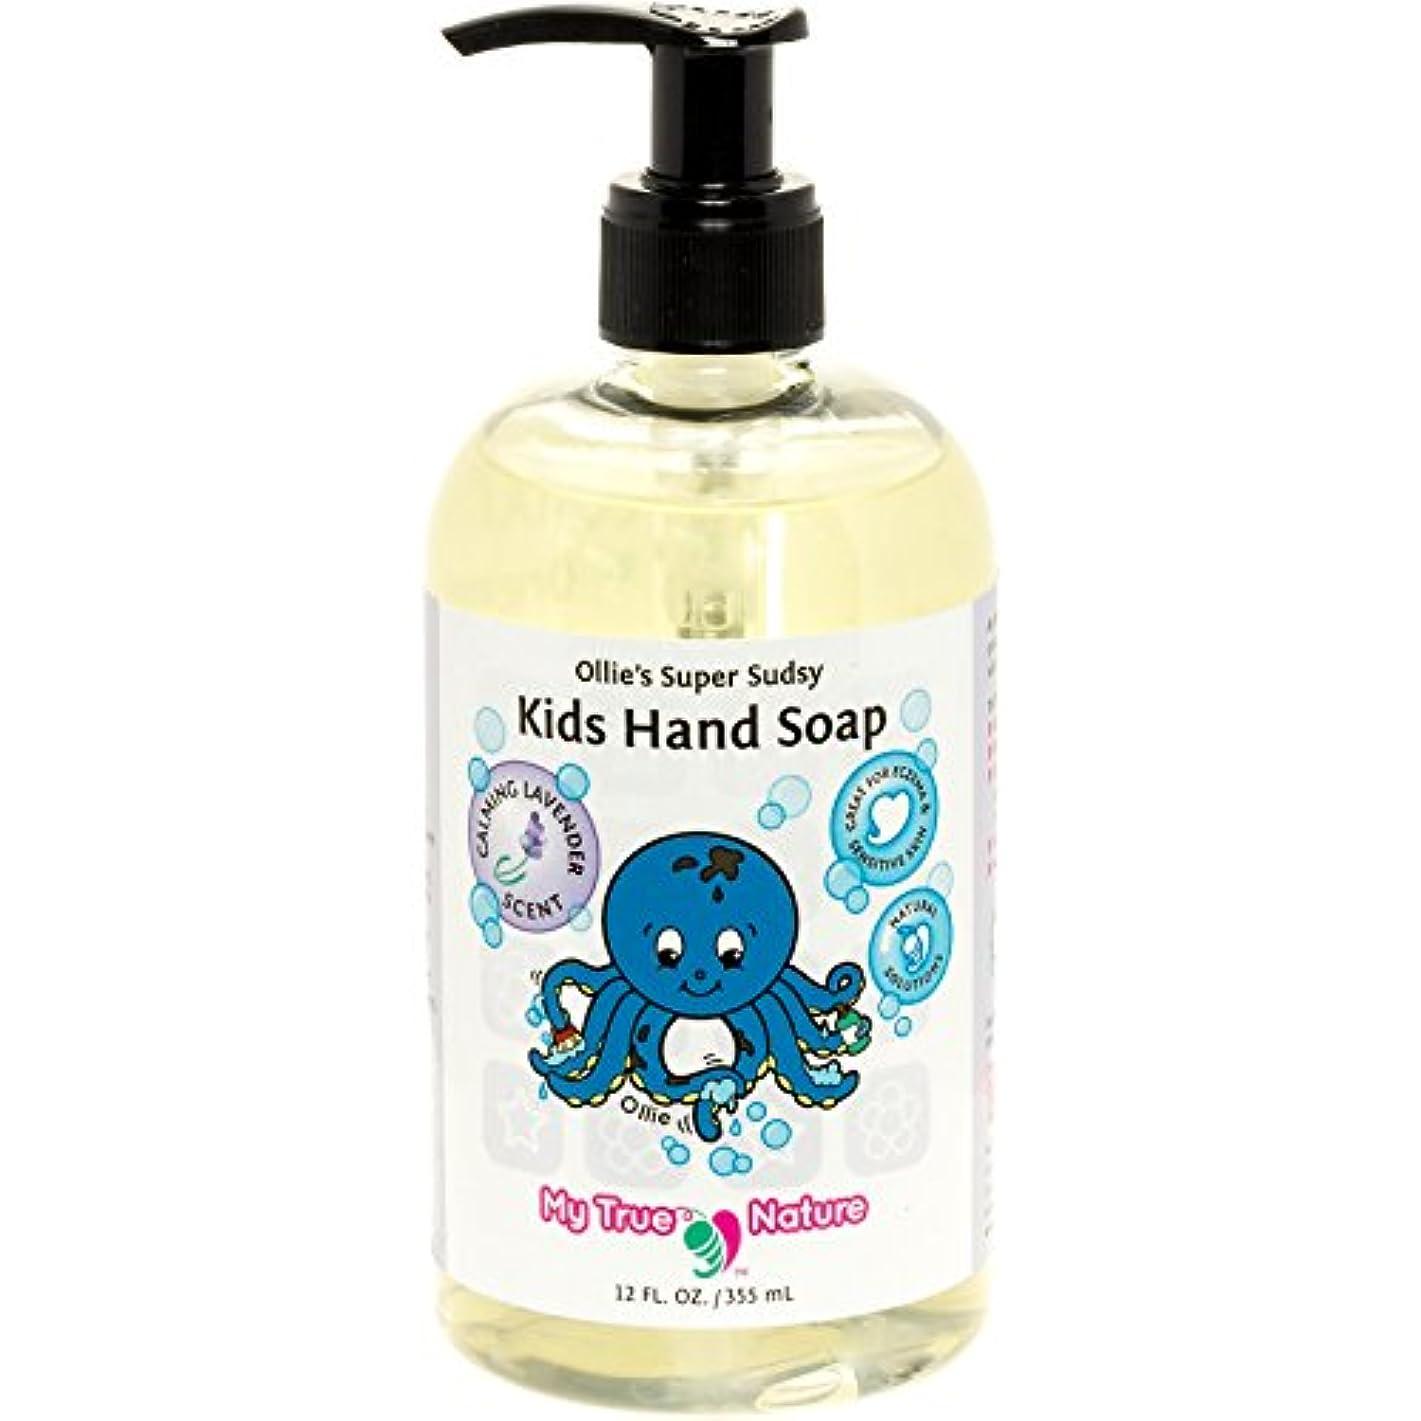 文明化する振動させる短命All Natural Kids Soap - Ollie's Super Sudsy Liquid Hand Soap - Lavender Scent, 12 oz by My True Nature